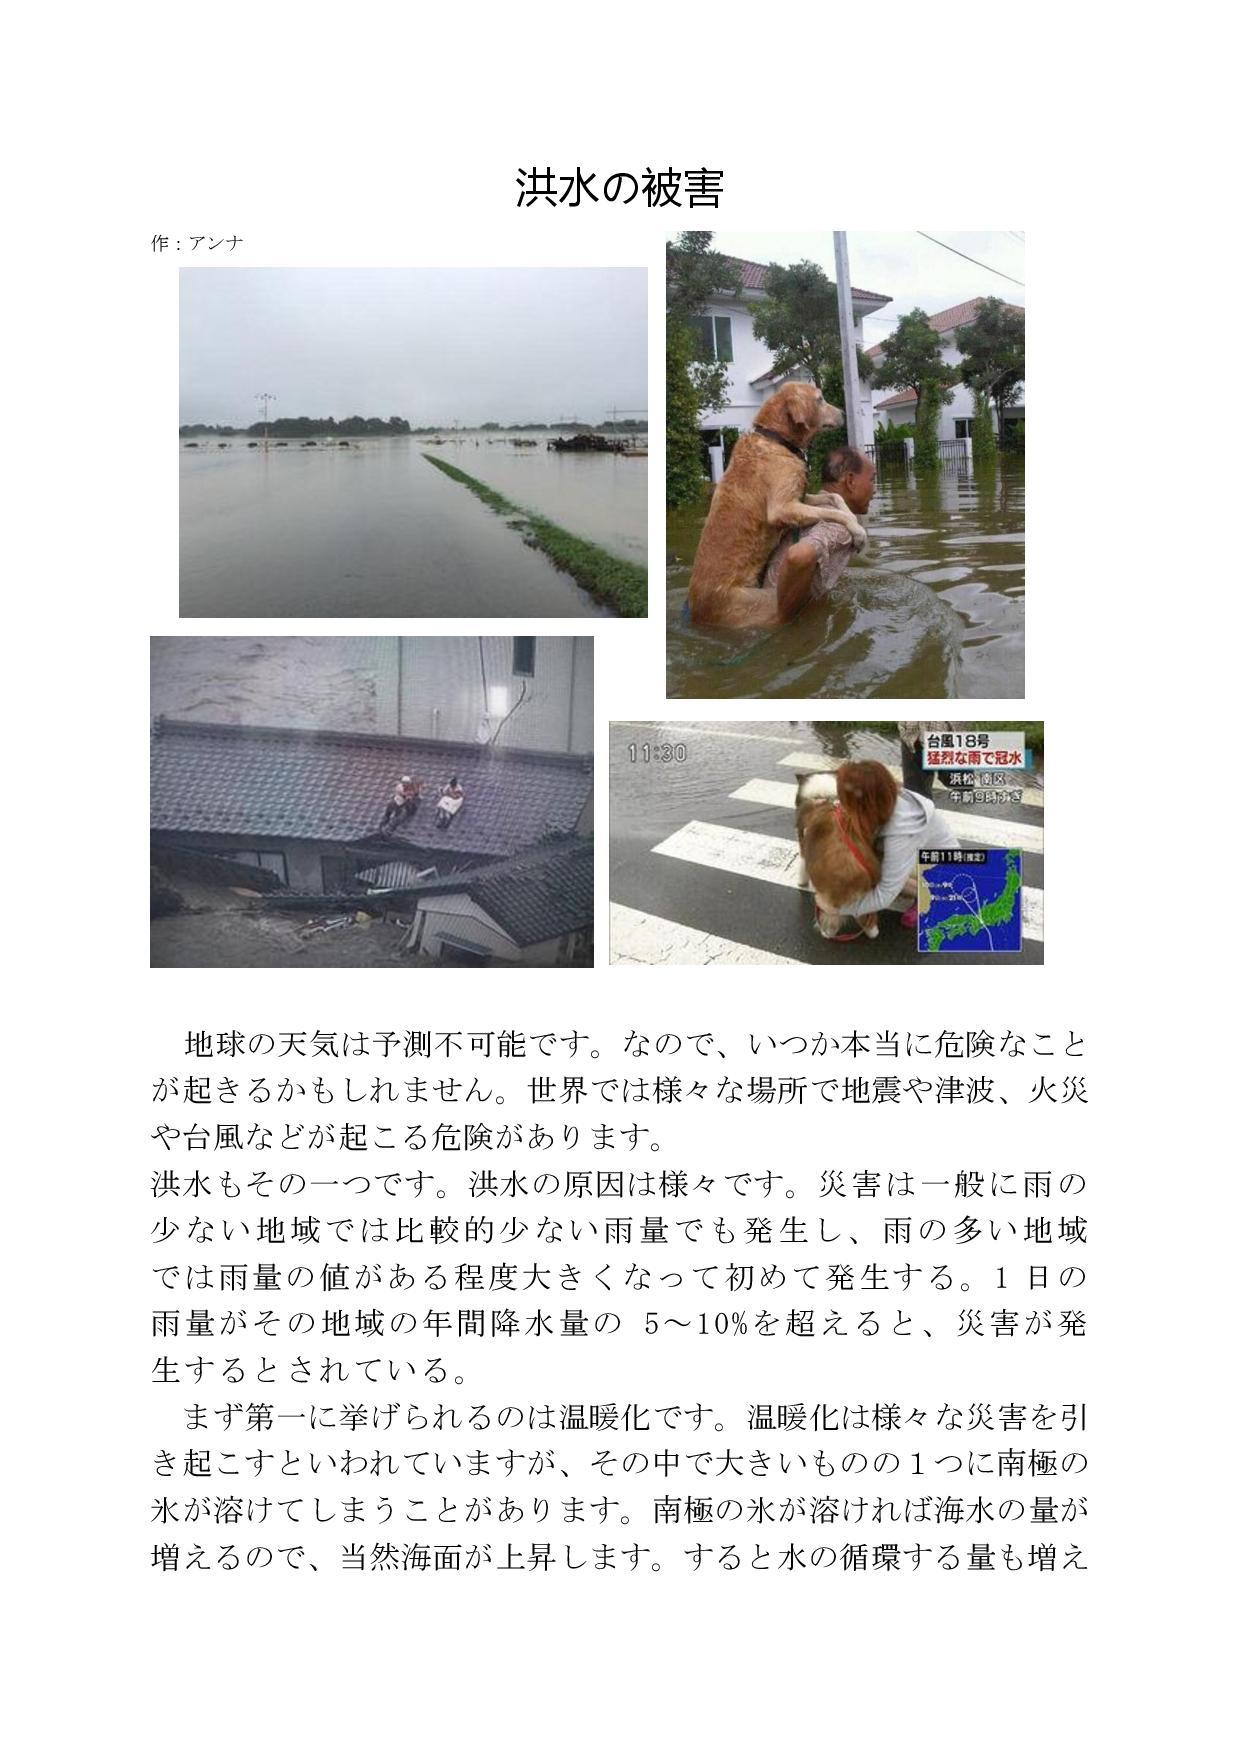 洪水の被害-page-001